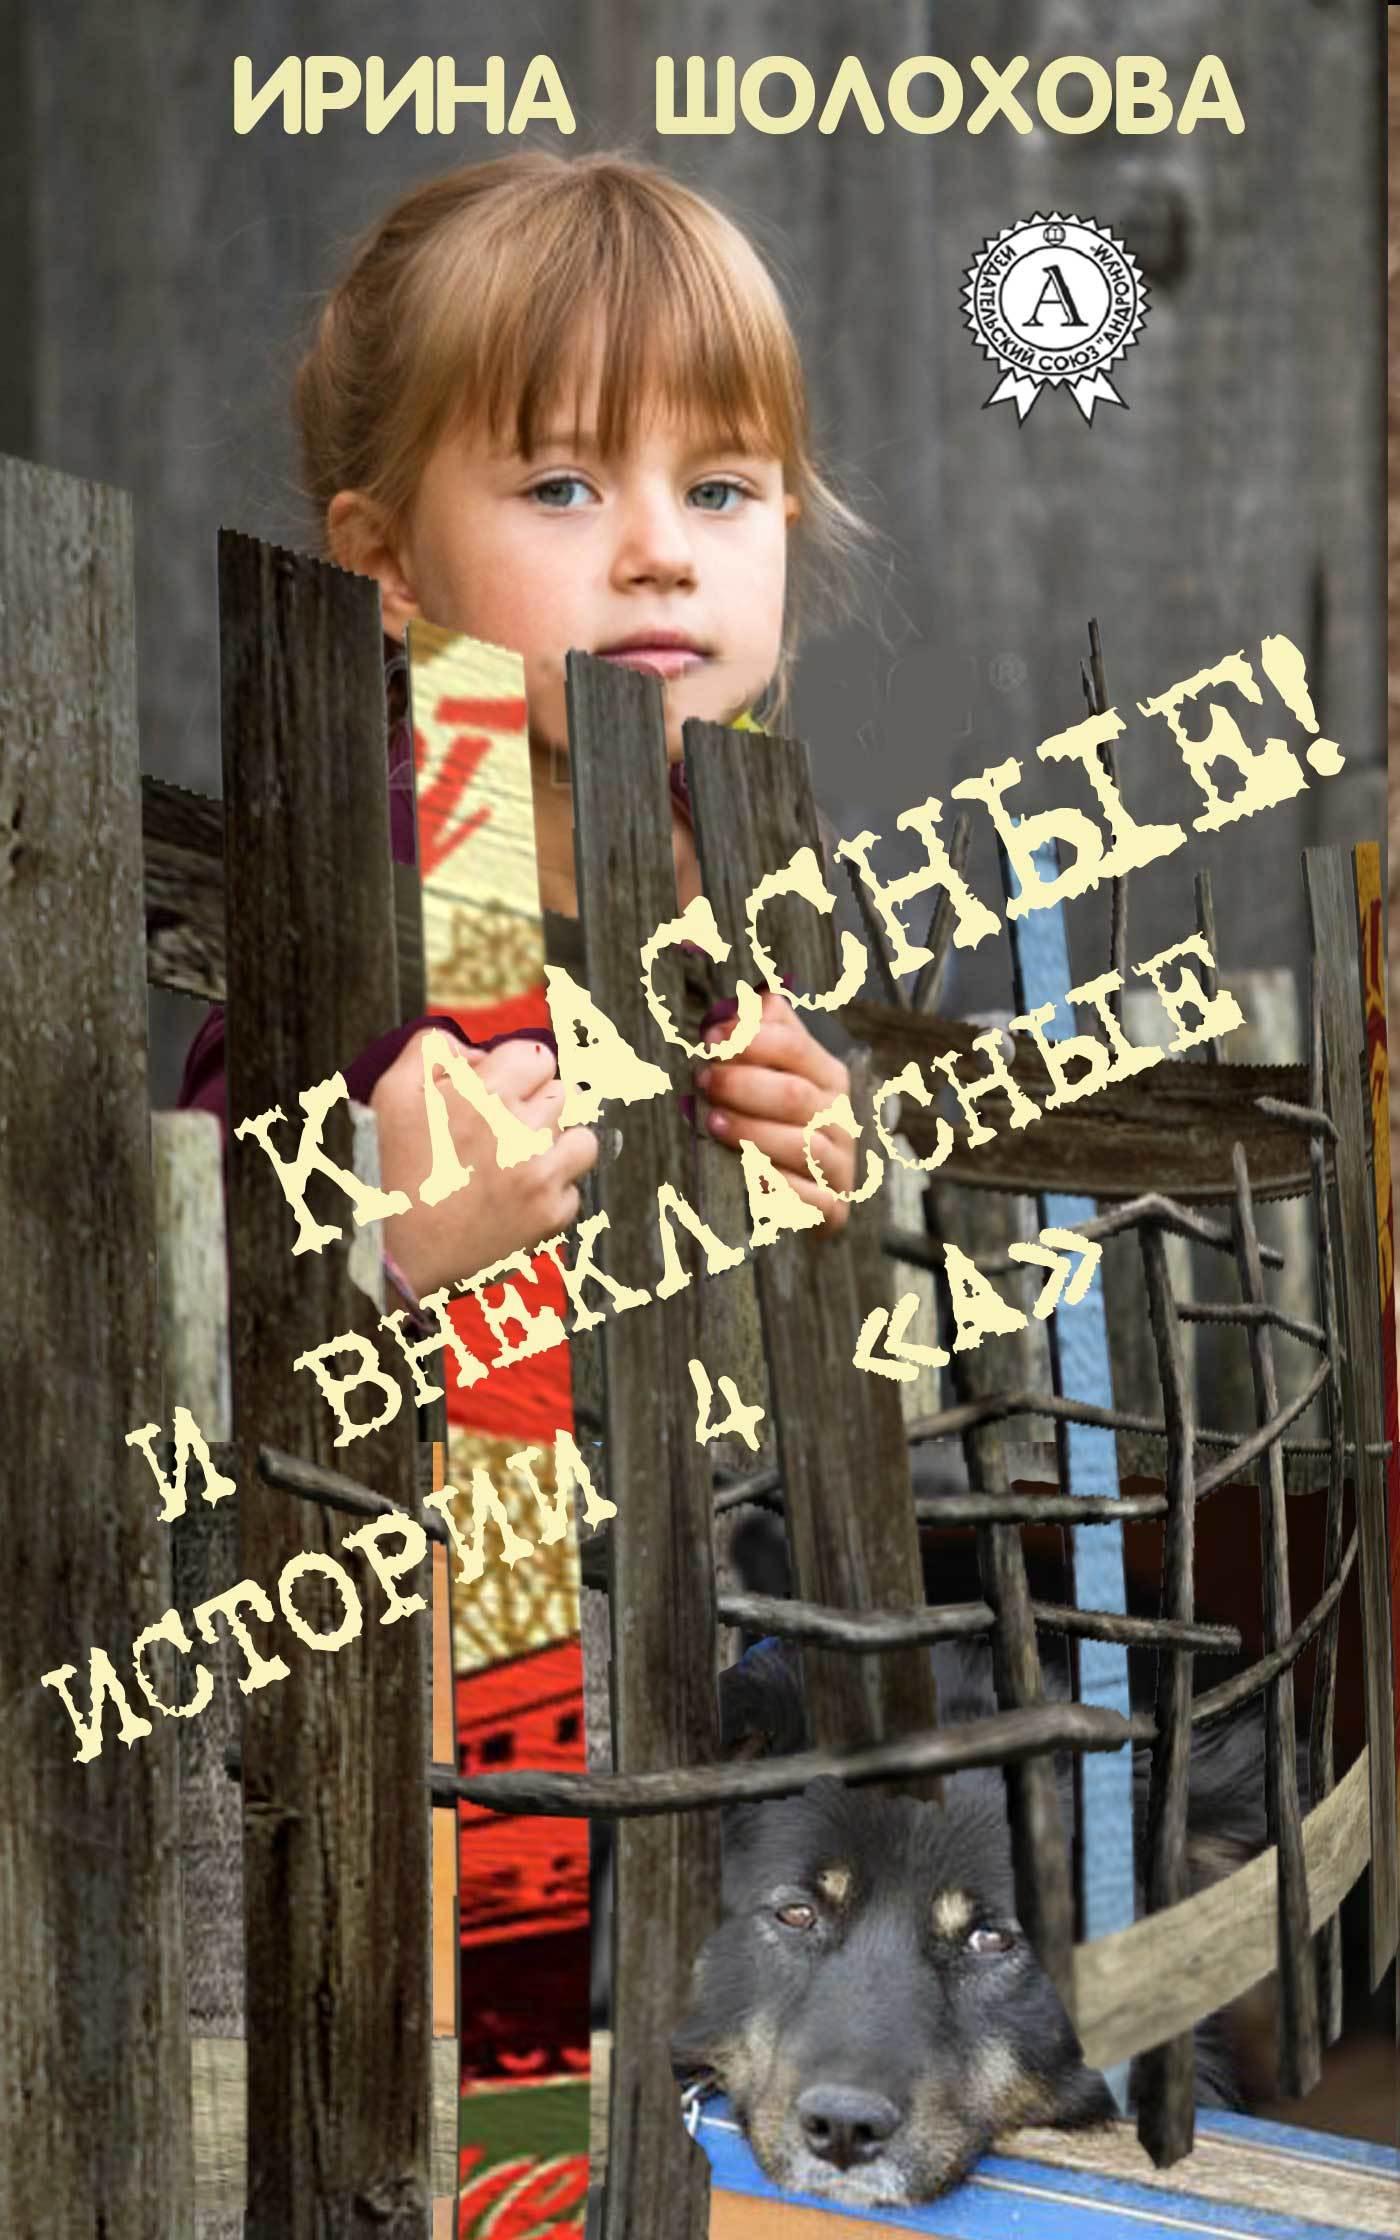 Ирина Шолохова Классные! И внеклассные истории 4 «А» ирина шолохова классные и внеклассные истории 4 а